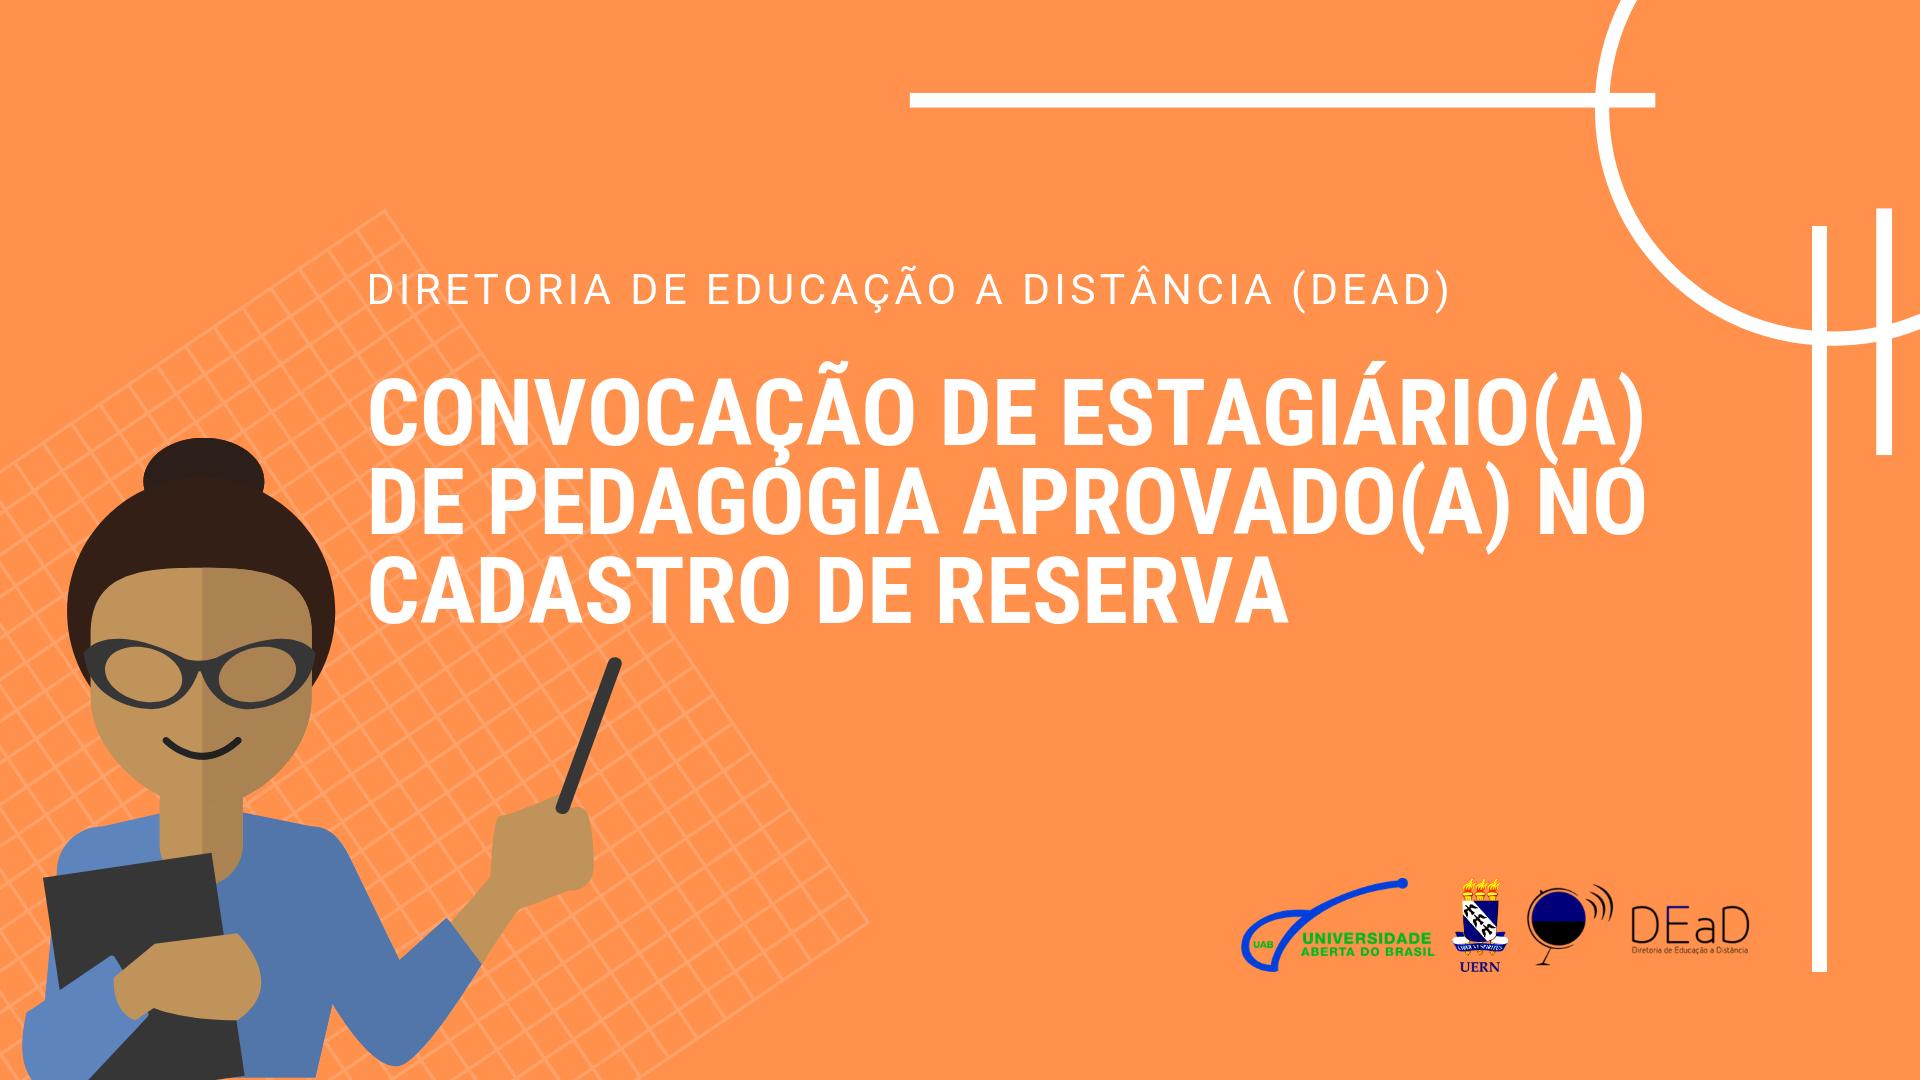 DIRETORIA DE EDUCAÇÃO A DISTÂNCIA (DEad) (1)